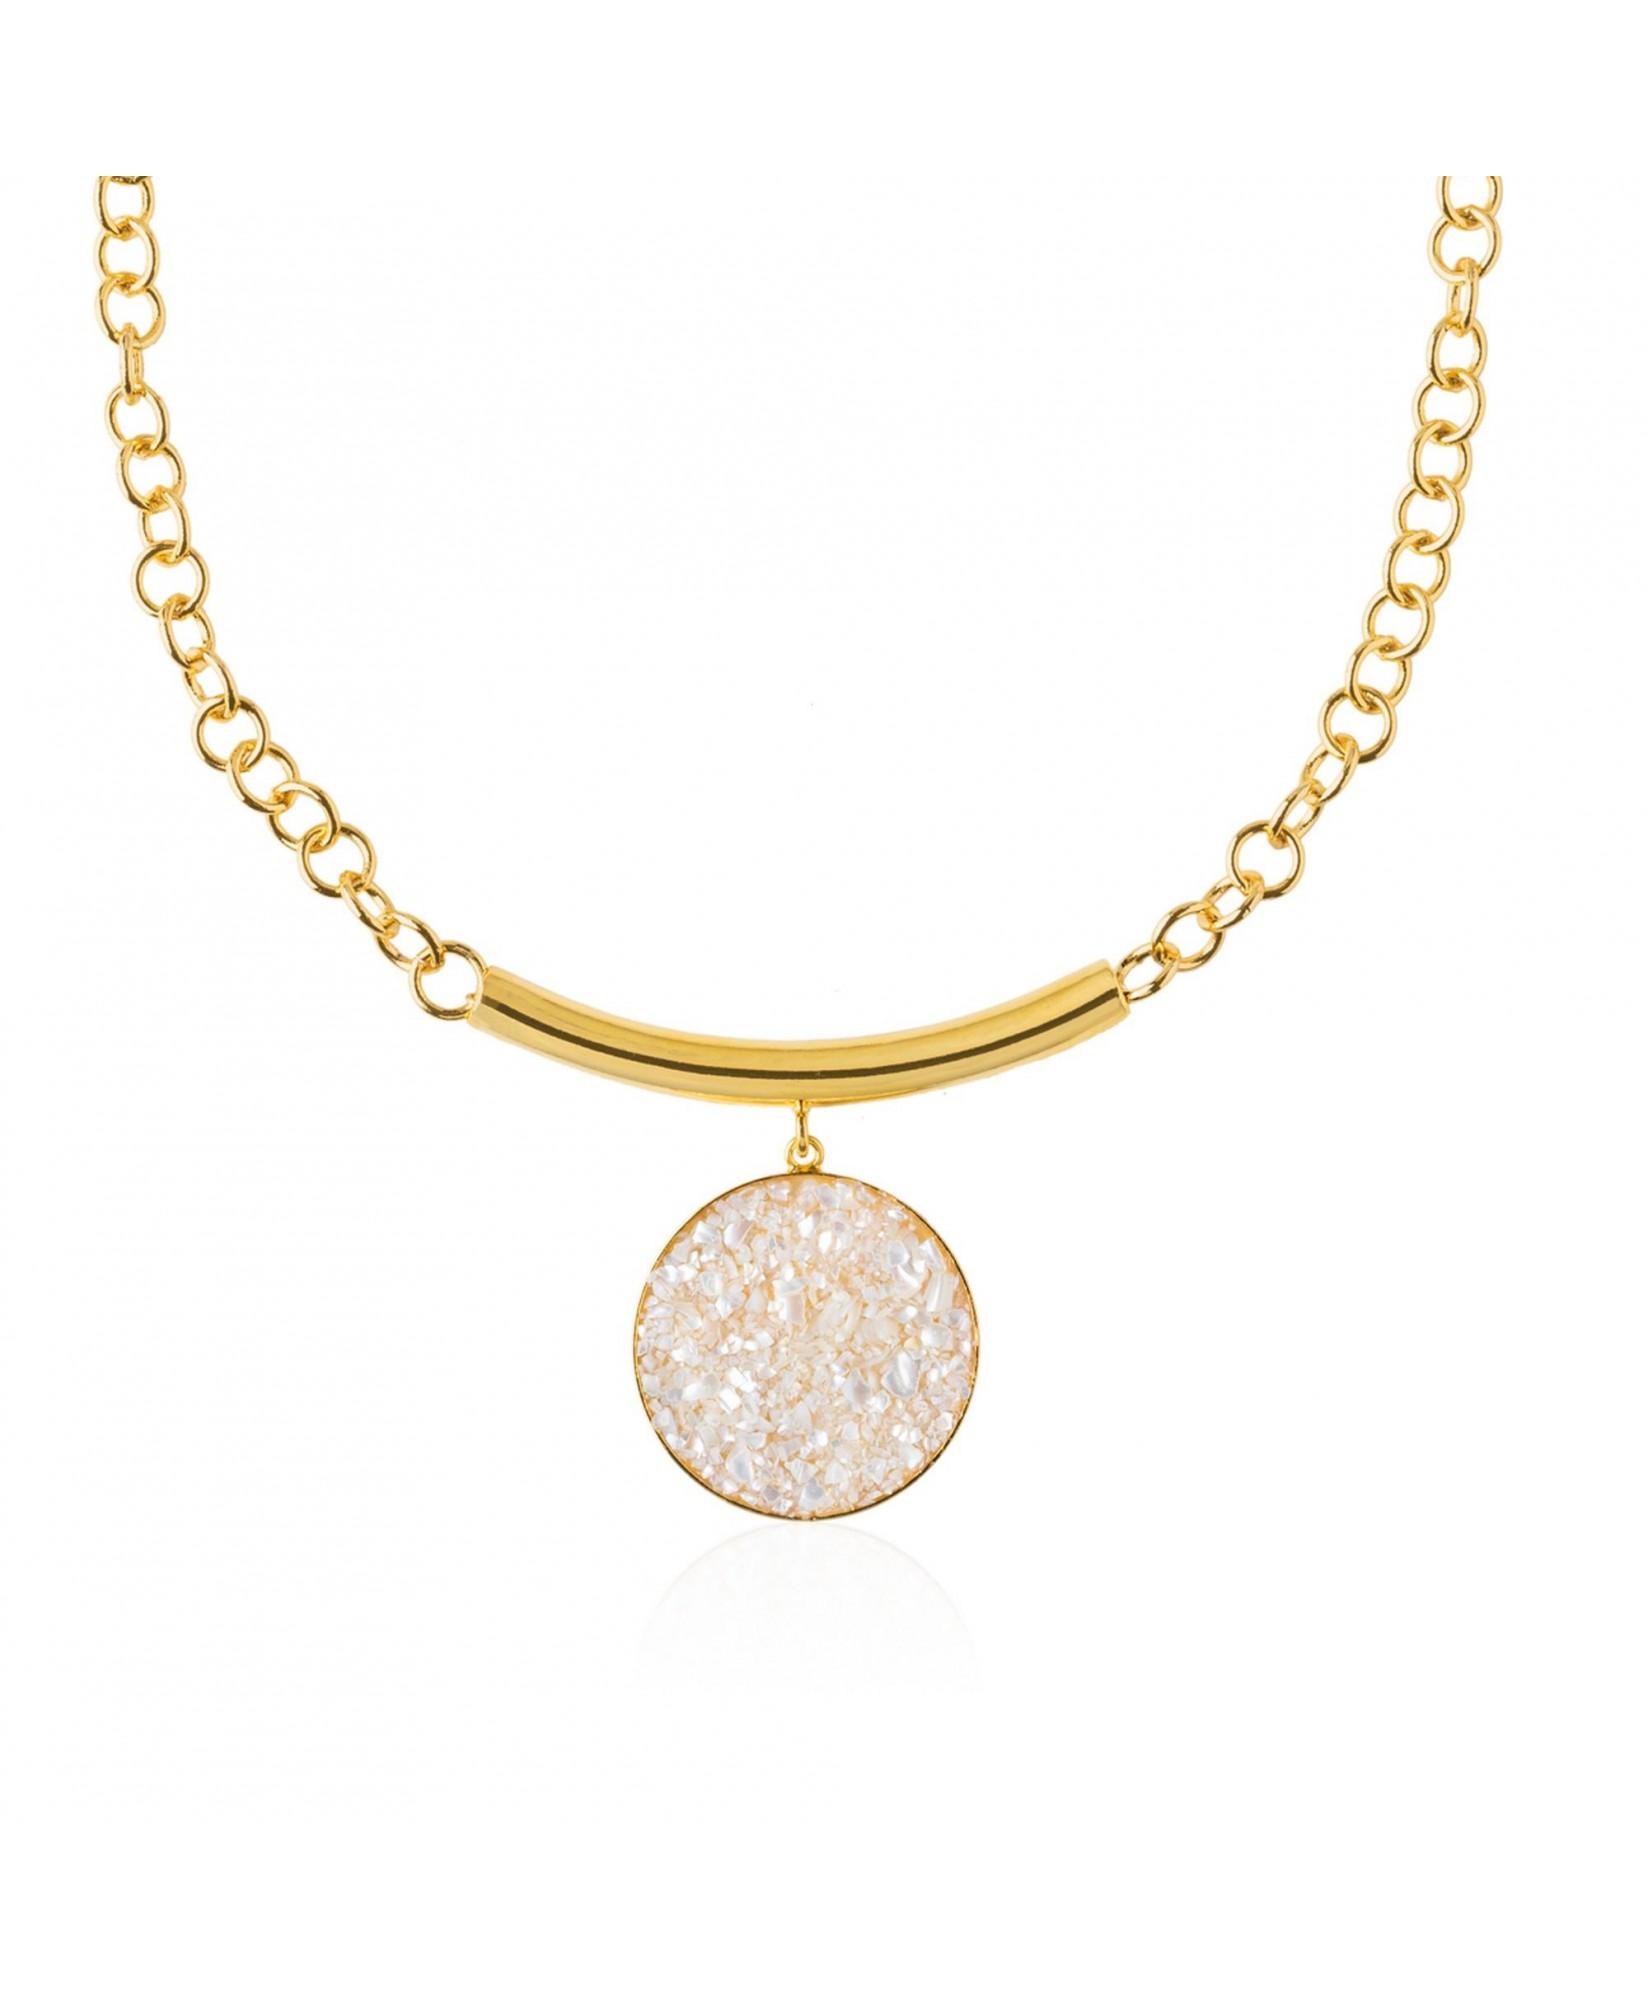 Collar oro Afrodita con colgante de nácar blanco Collar oro Afrodita con colgante de nácar blanco